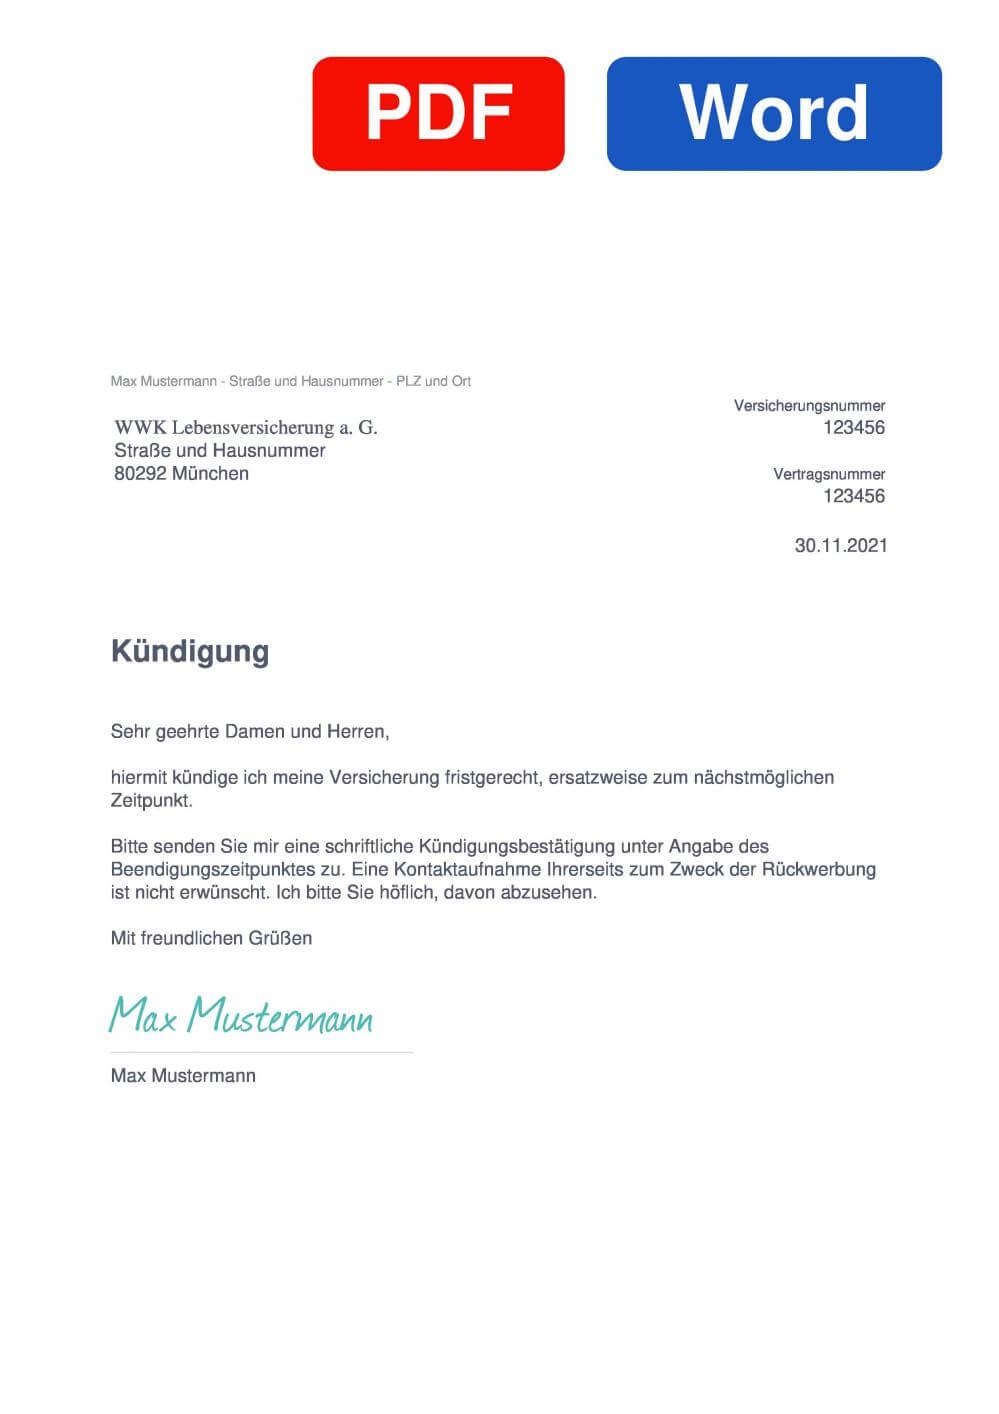 WWK Riester-Rente Muster Vorlage für Kündigungsschreiben